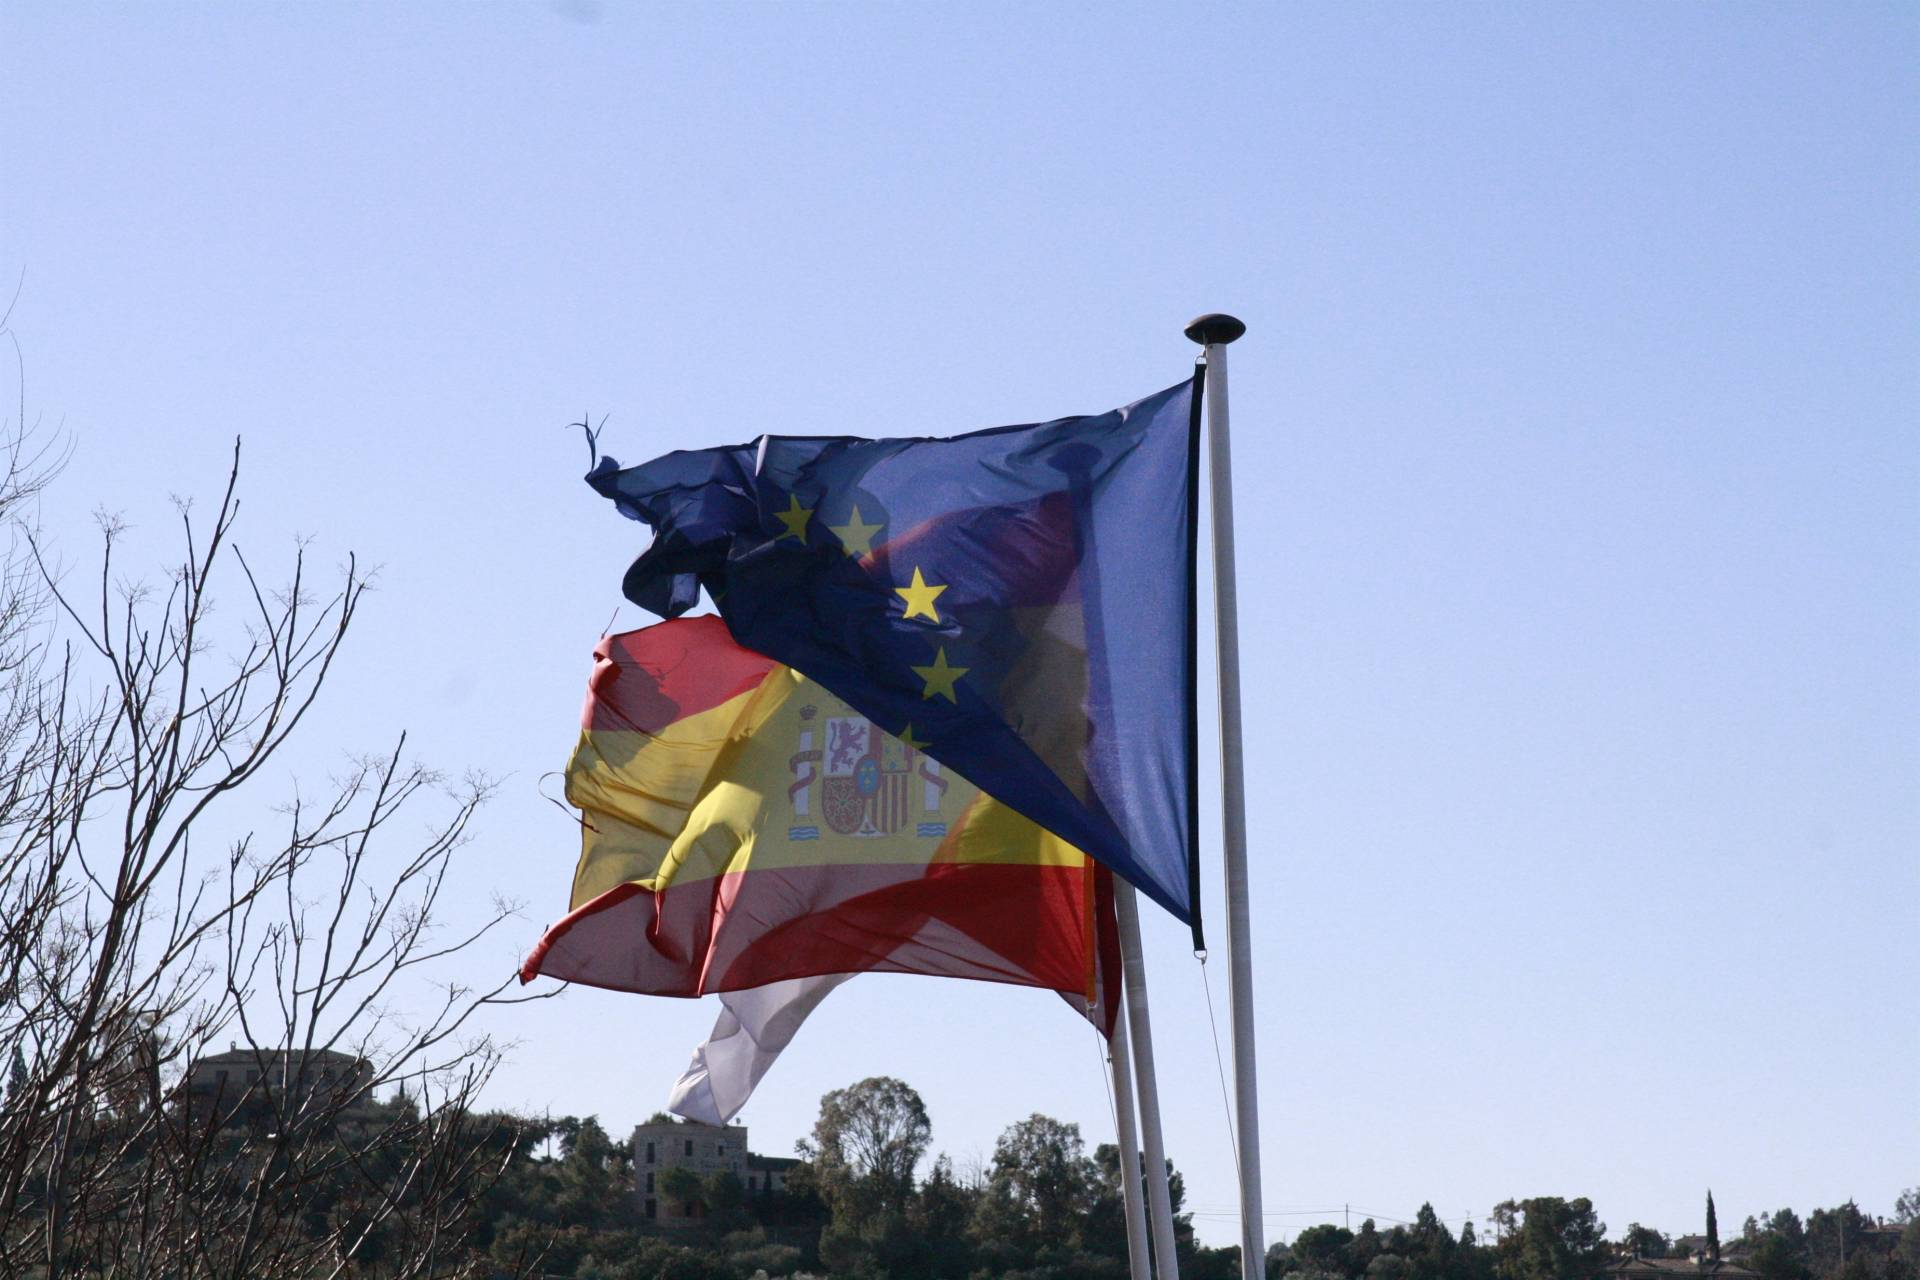 Banderas de la Unión Europea y de España.